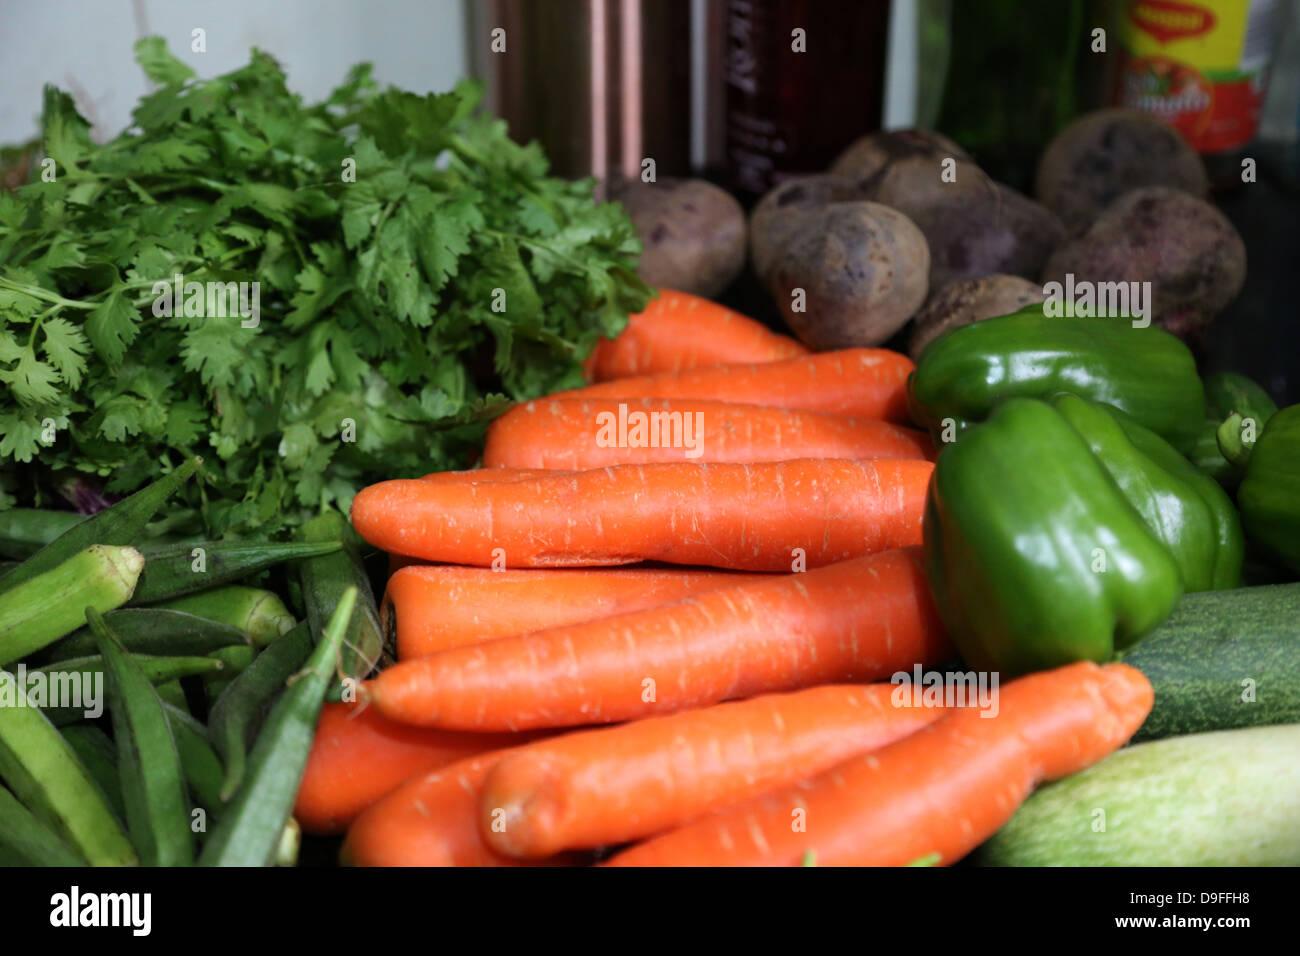 Vid madura del tomate fresco en la exhibición en el mercado de agricultores del tomate, vid roja, mercado, frutas, verduras, granja, saludable, fresca, Foto de stock